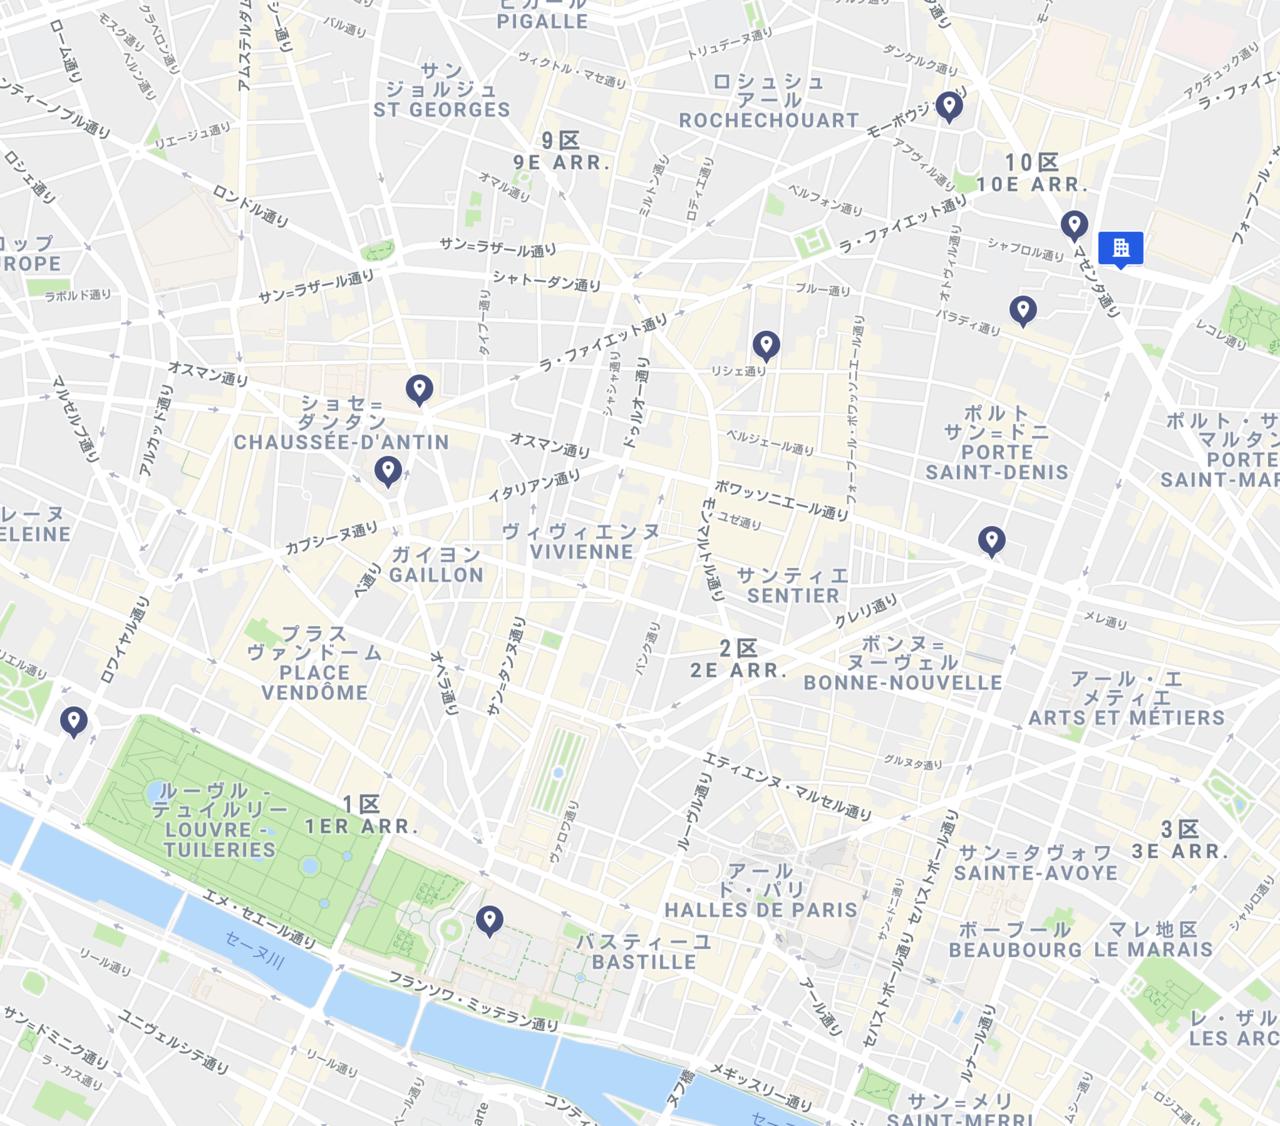 スクリーンショット 2019-10-05 1.55.58